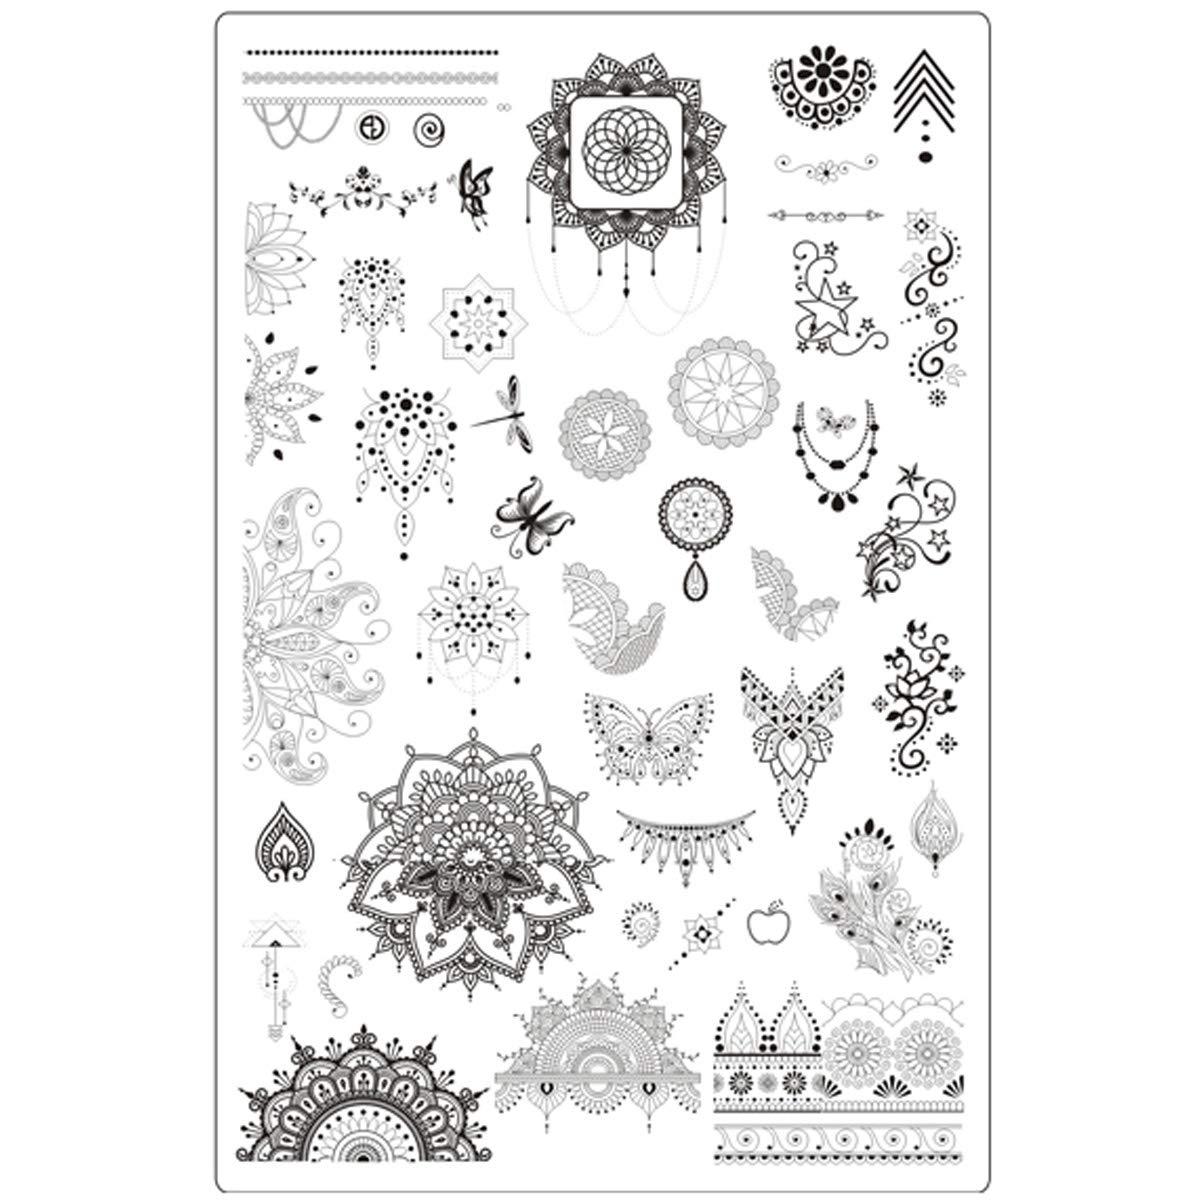 Lovenails Mandala Stamping Schablone 2 I feine Stempel Motive mit Ornamenten und ausgefallenen Mustern